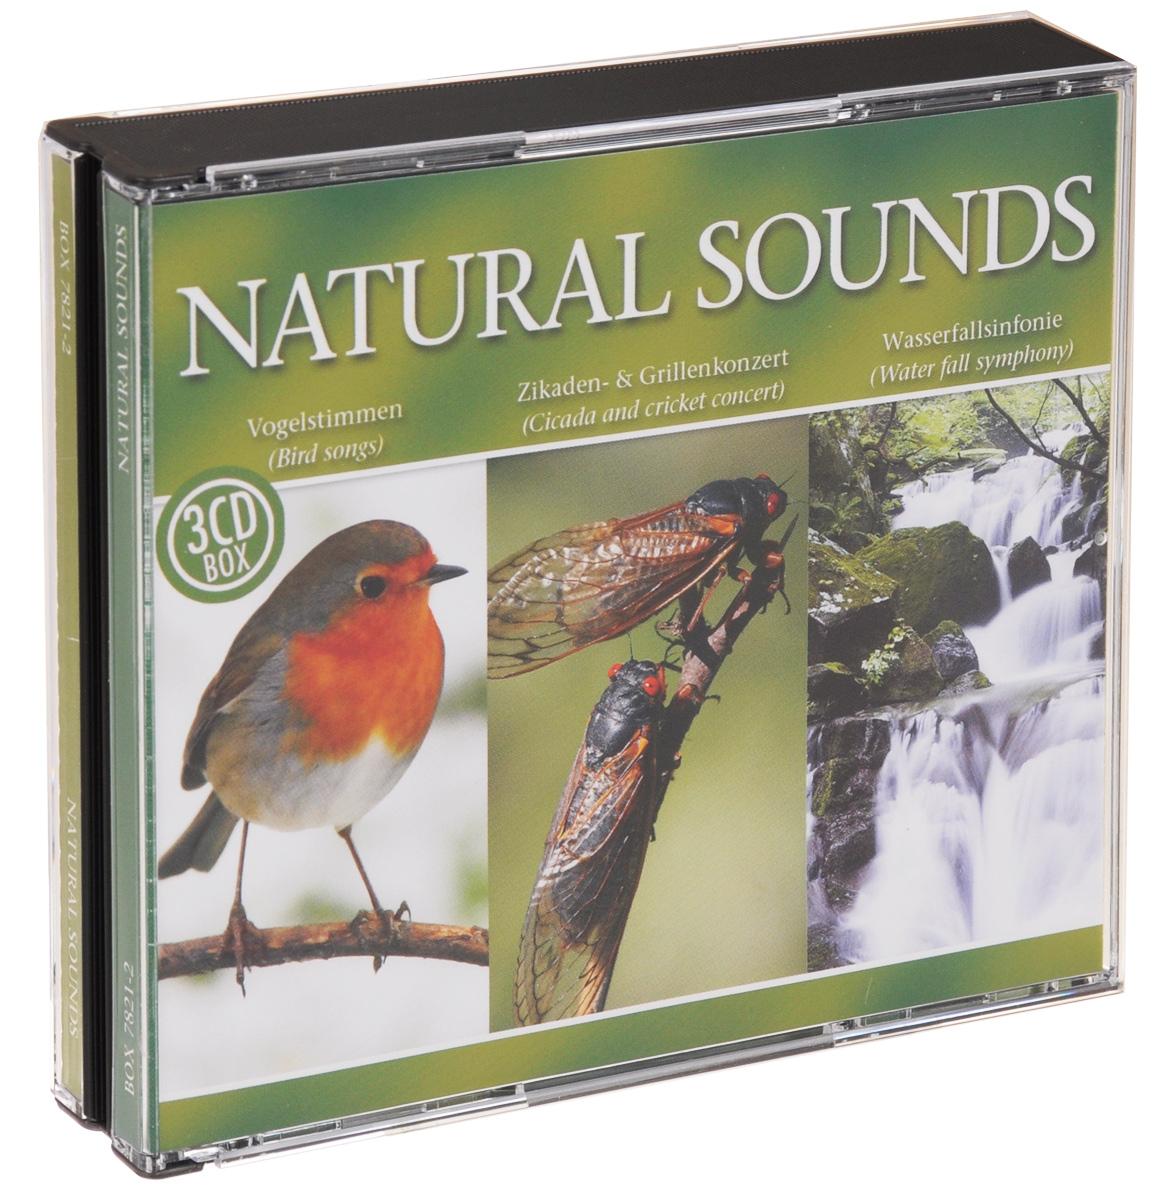 Natural Sounds (3 CD)